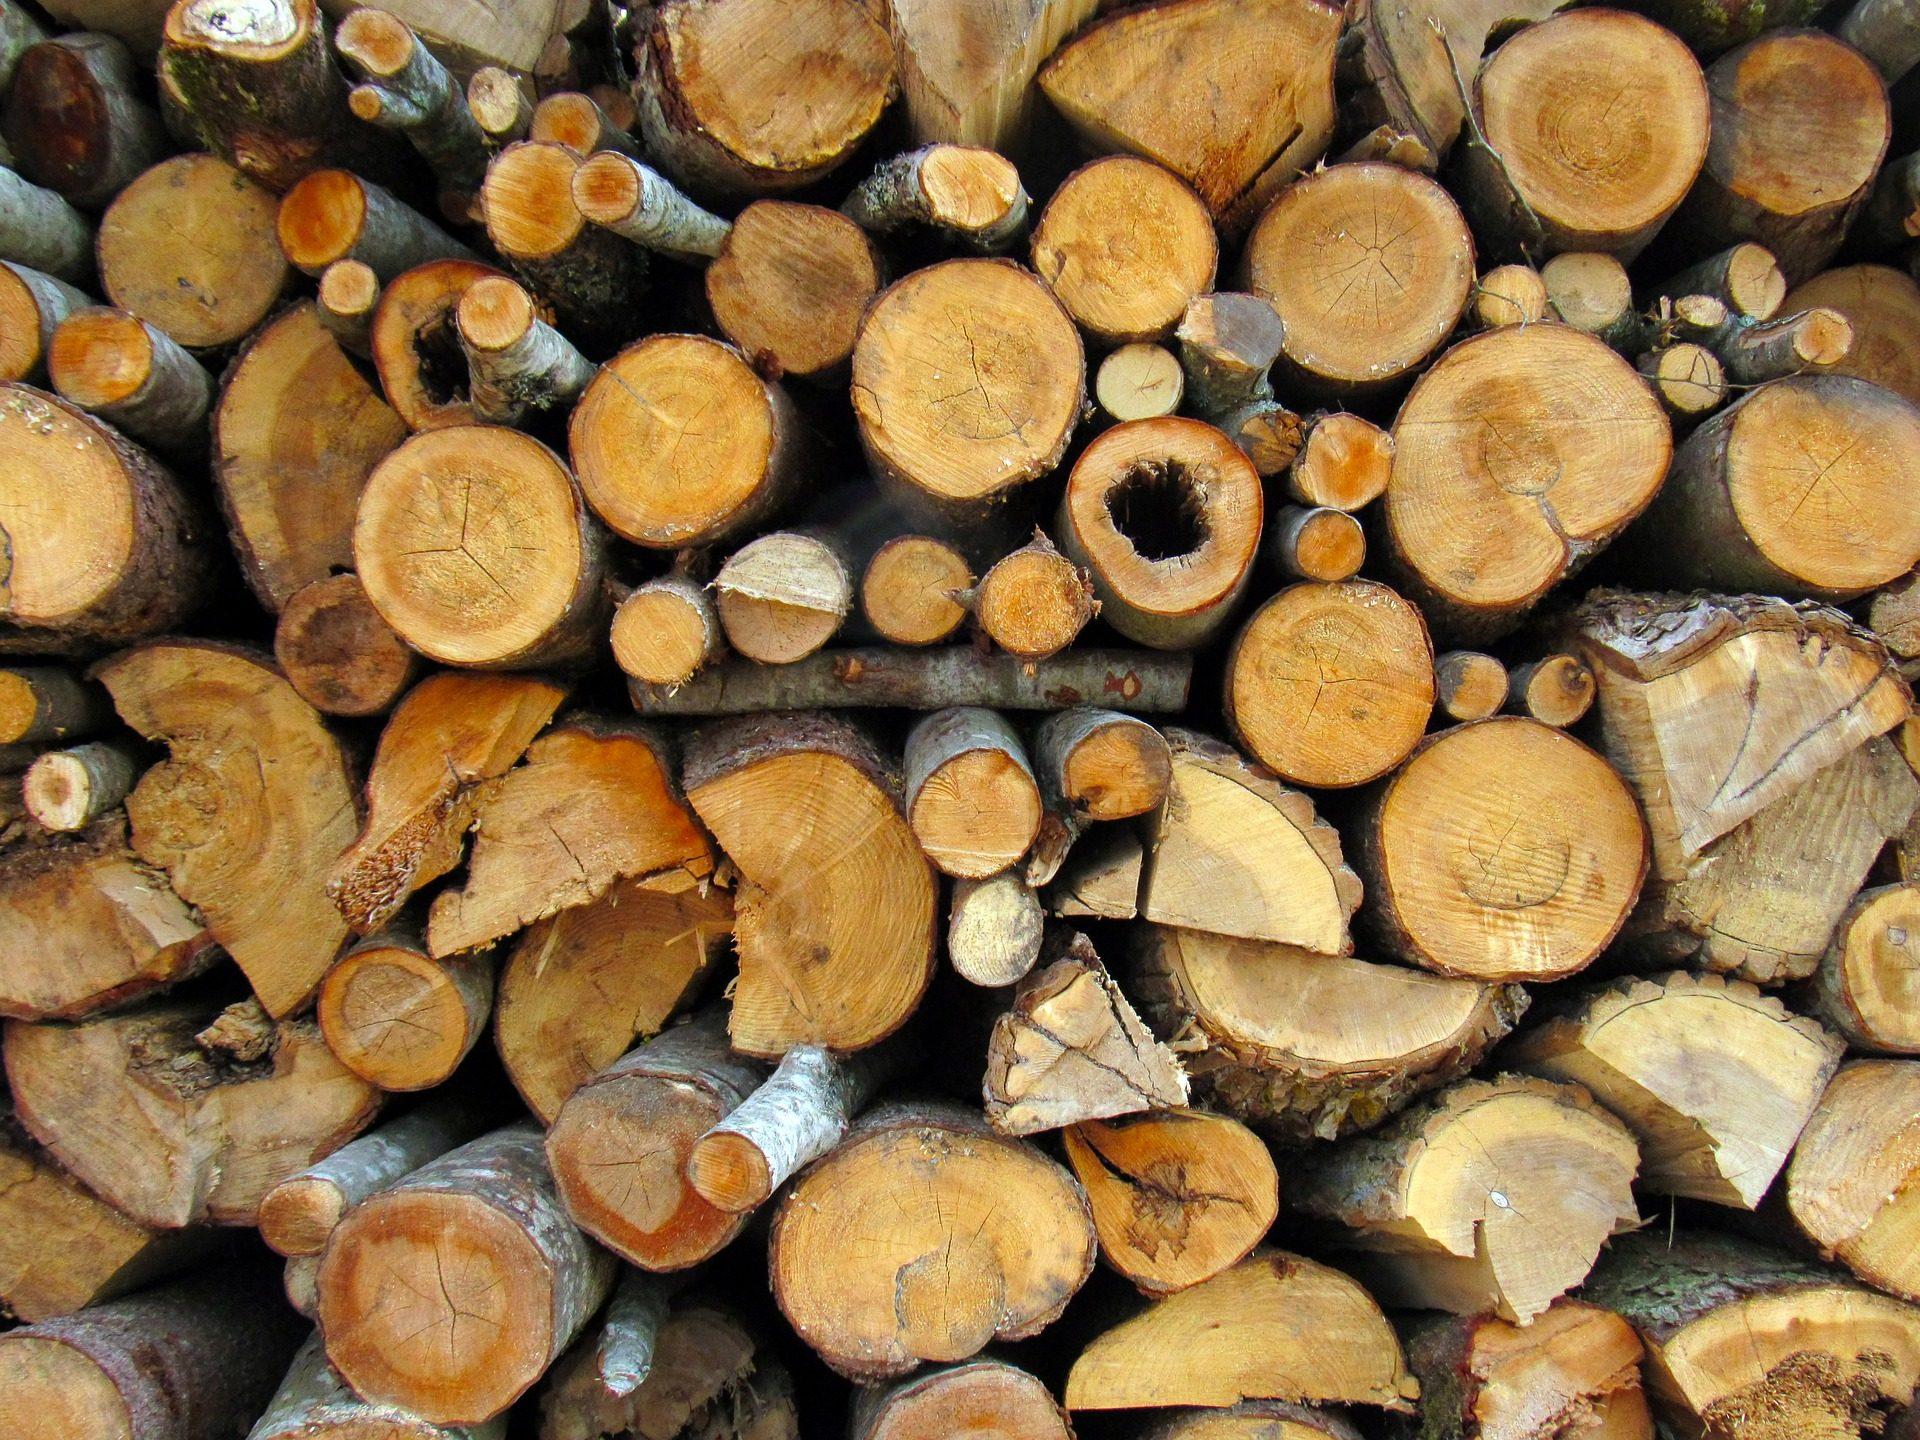 بالصور خلفيات خشب , احدث اشكال الخلفيات الخشبية 5126 5